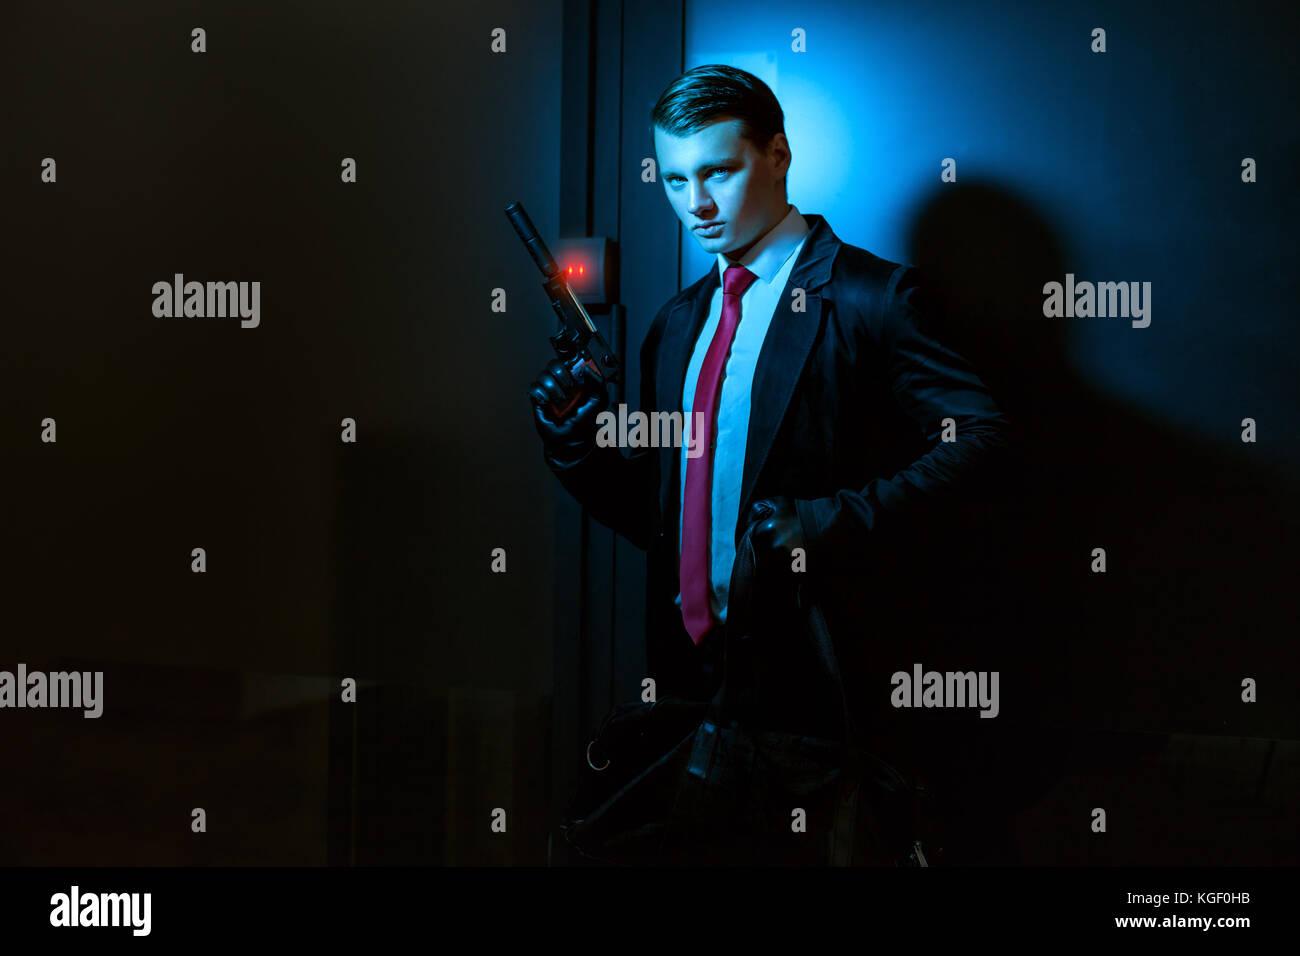 Mann mit Handschuhen und einem Gewehr, er ist ein professioneller Killer, seine Pistole mit Schalldämpfer. Stockbild